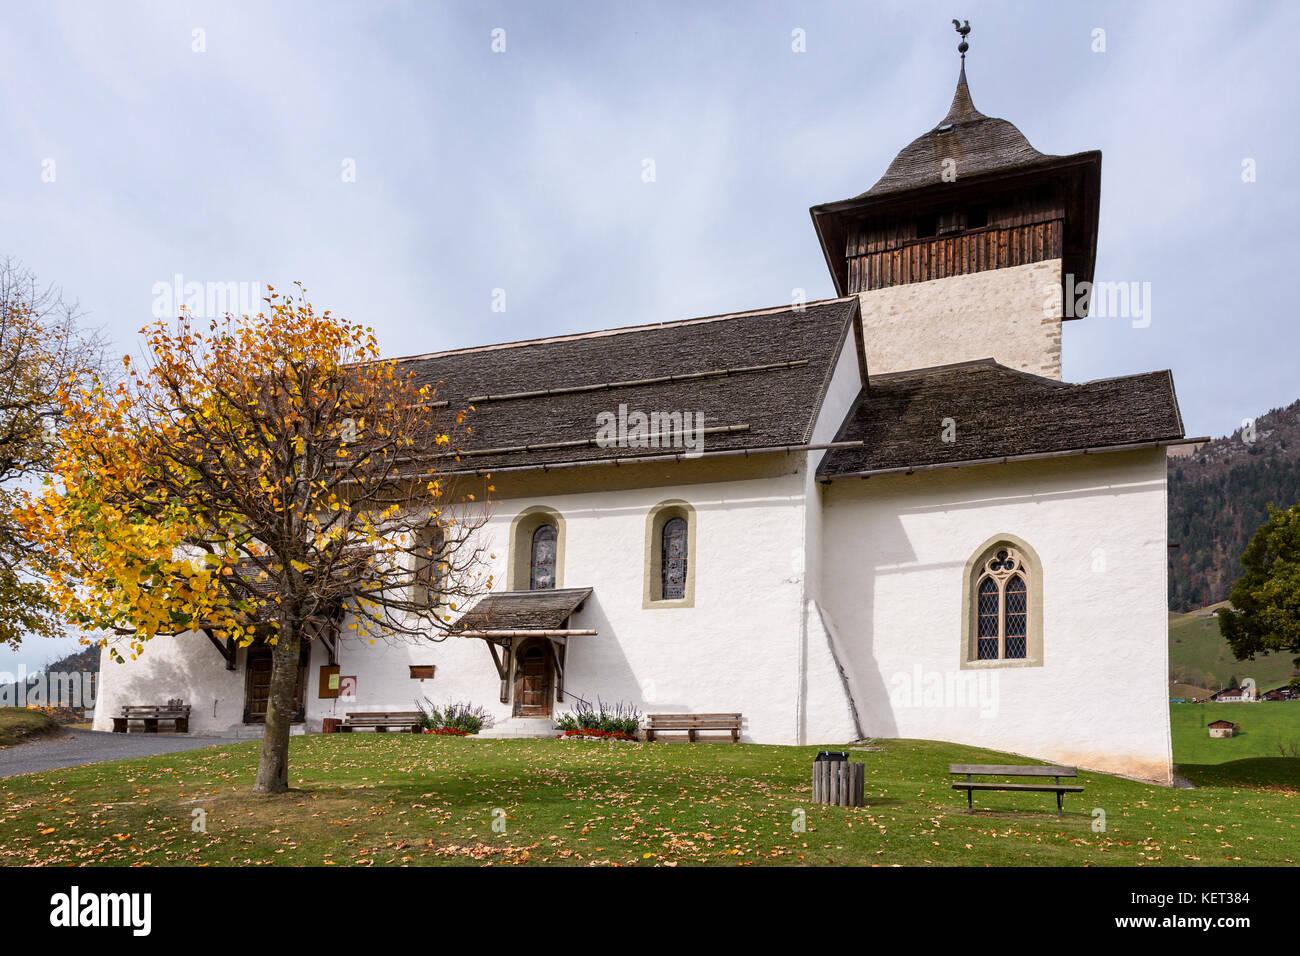 La iglesia de Château-d'Oex, Vaud, Suiza Foto de stock